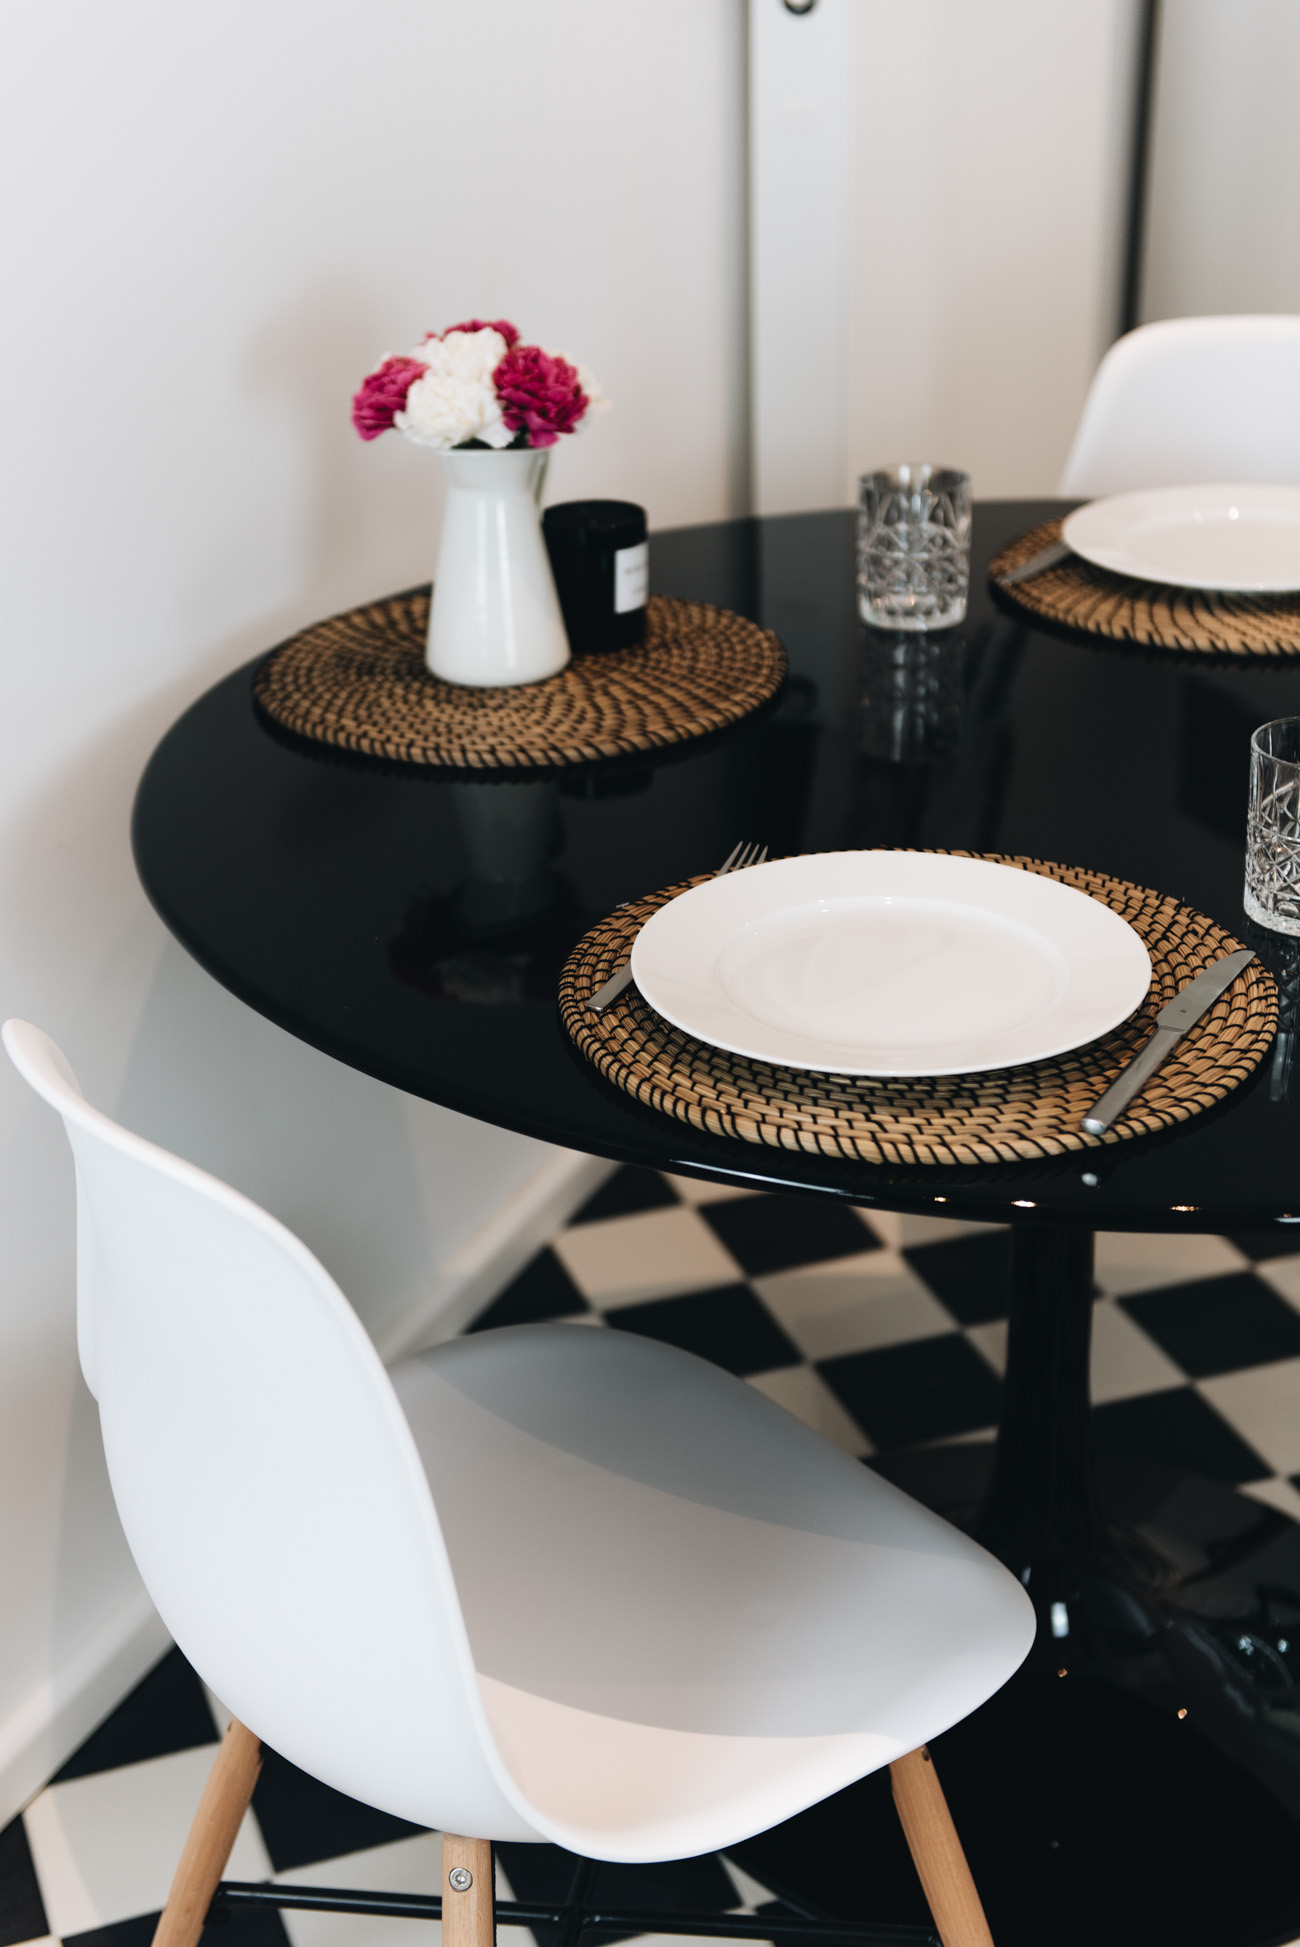 runder-hochglanz-küchentisch-schwarz-glänzend-küchen-einrichtung-fashiioncarpet-nina-schwichtenberg